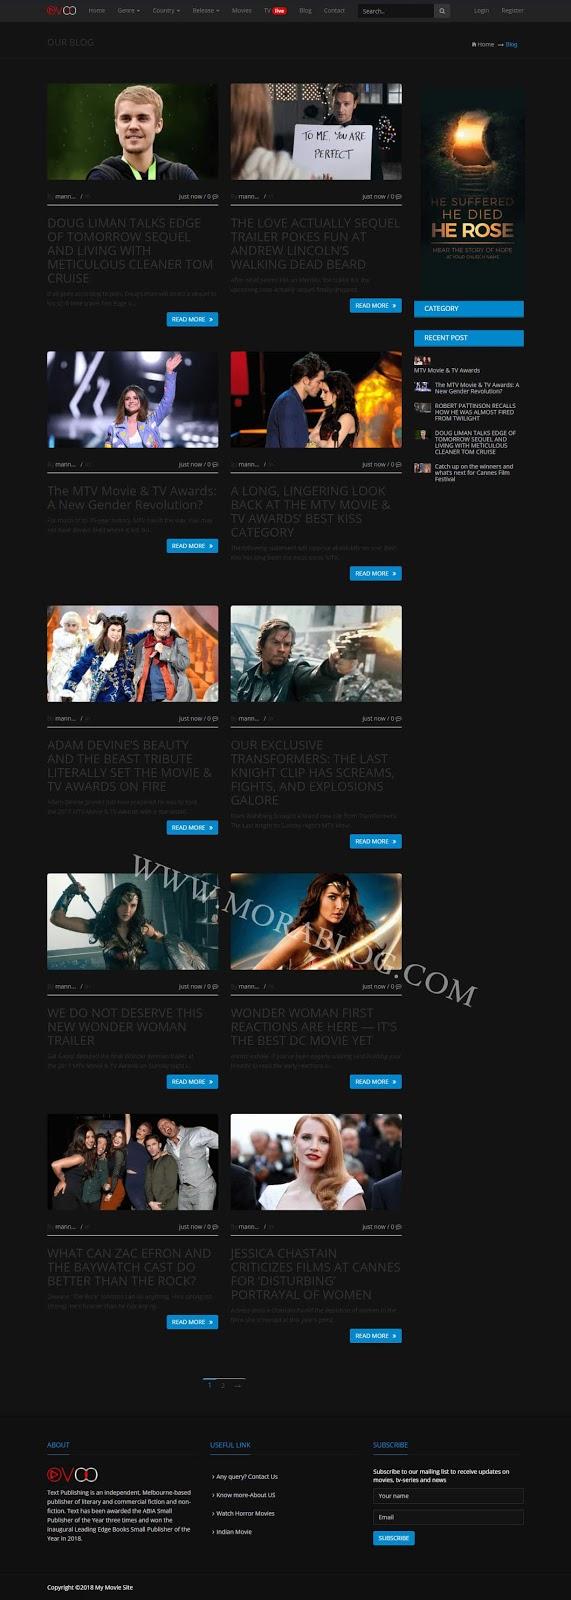 تحميل سكربت OVOO لانشاء موقع افلام شبيه لنتفليكس مع خاصية اللايف ستريم